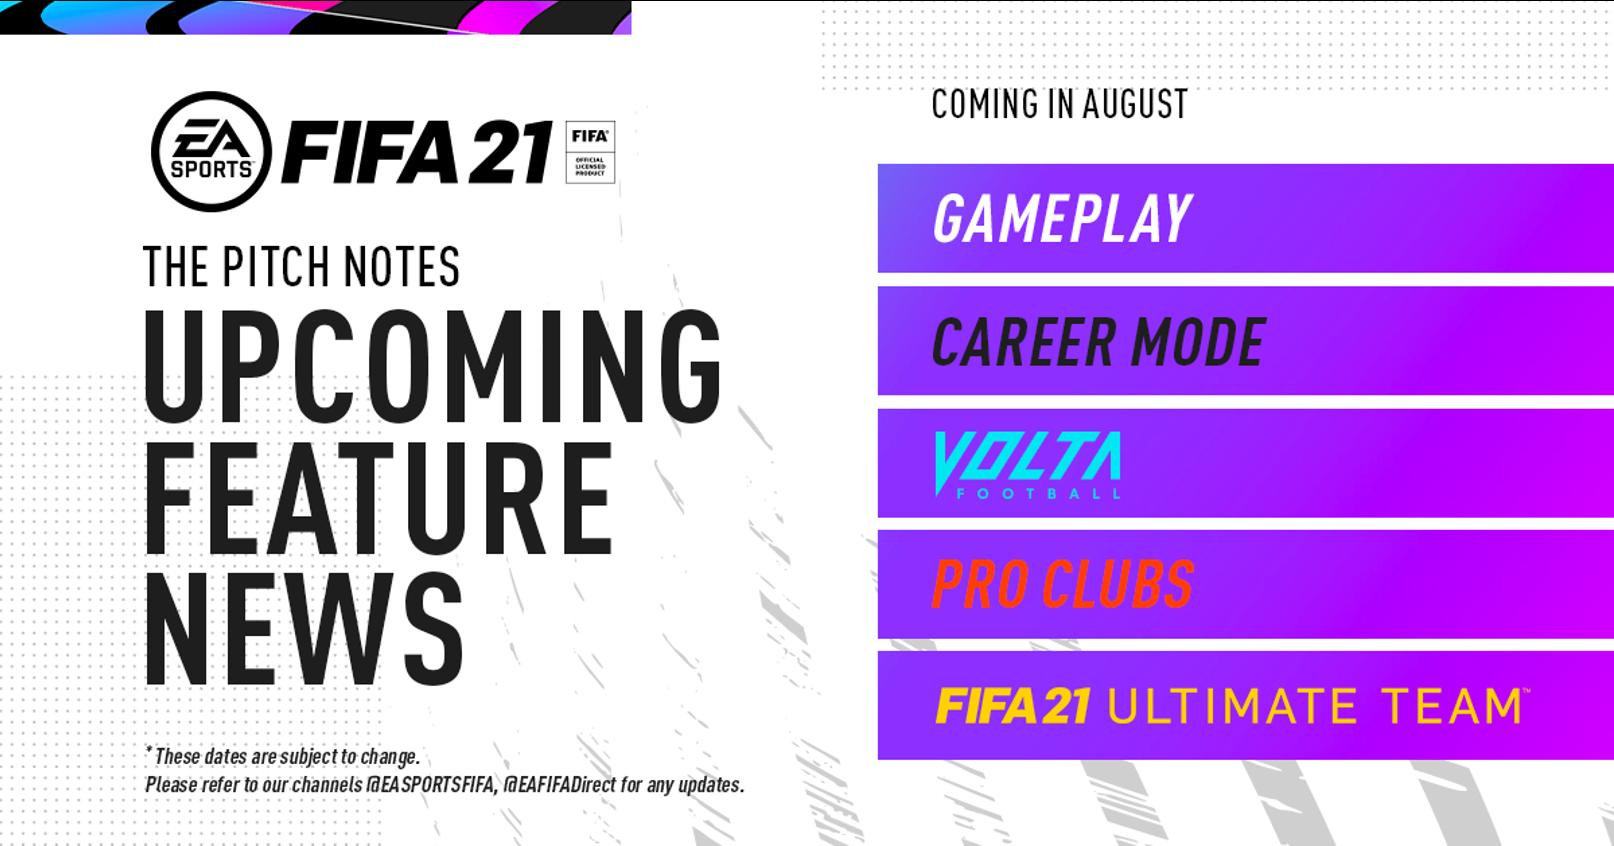 EA SPORTS FIFA 21 fonctionnalités à venir